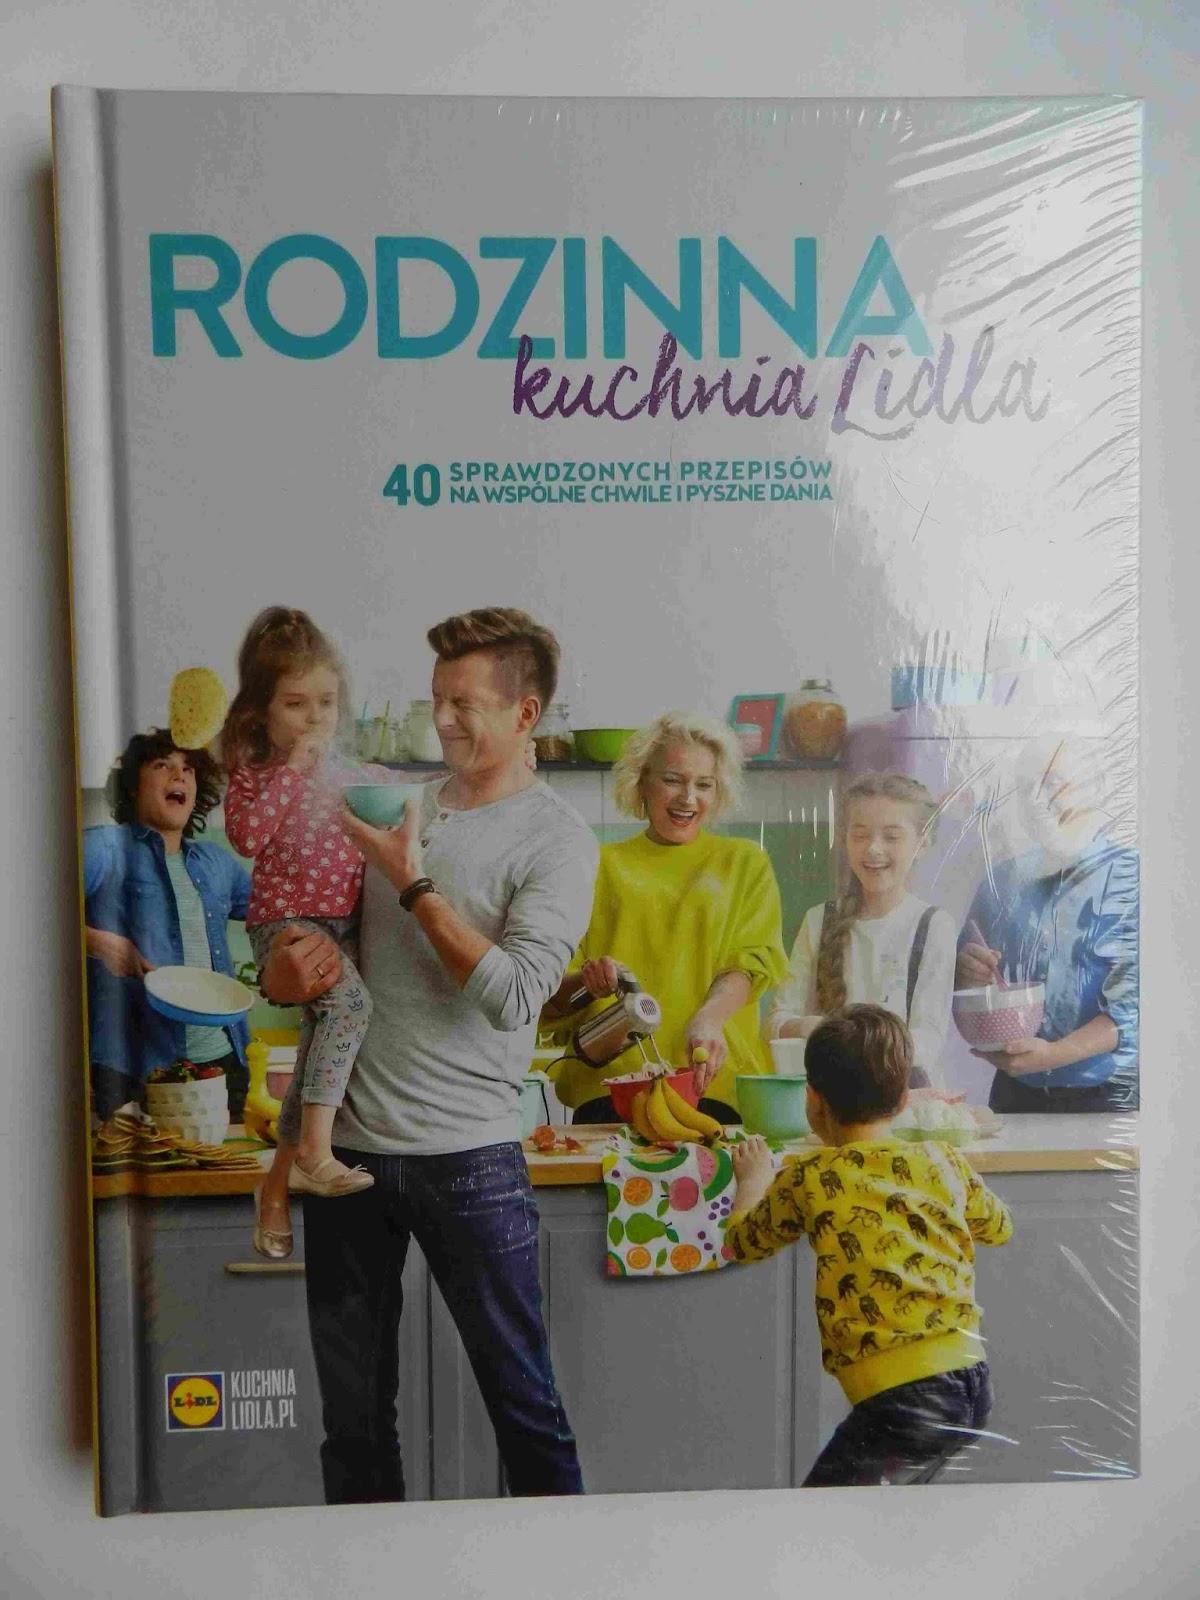 Rodzinna Kuchnia Lidla Lidl 2017 Nowa 7181255450 Oficjalne